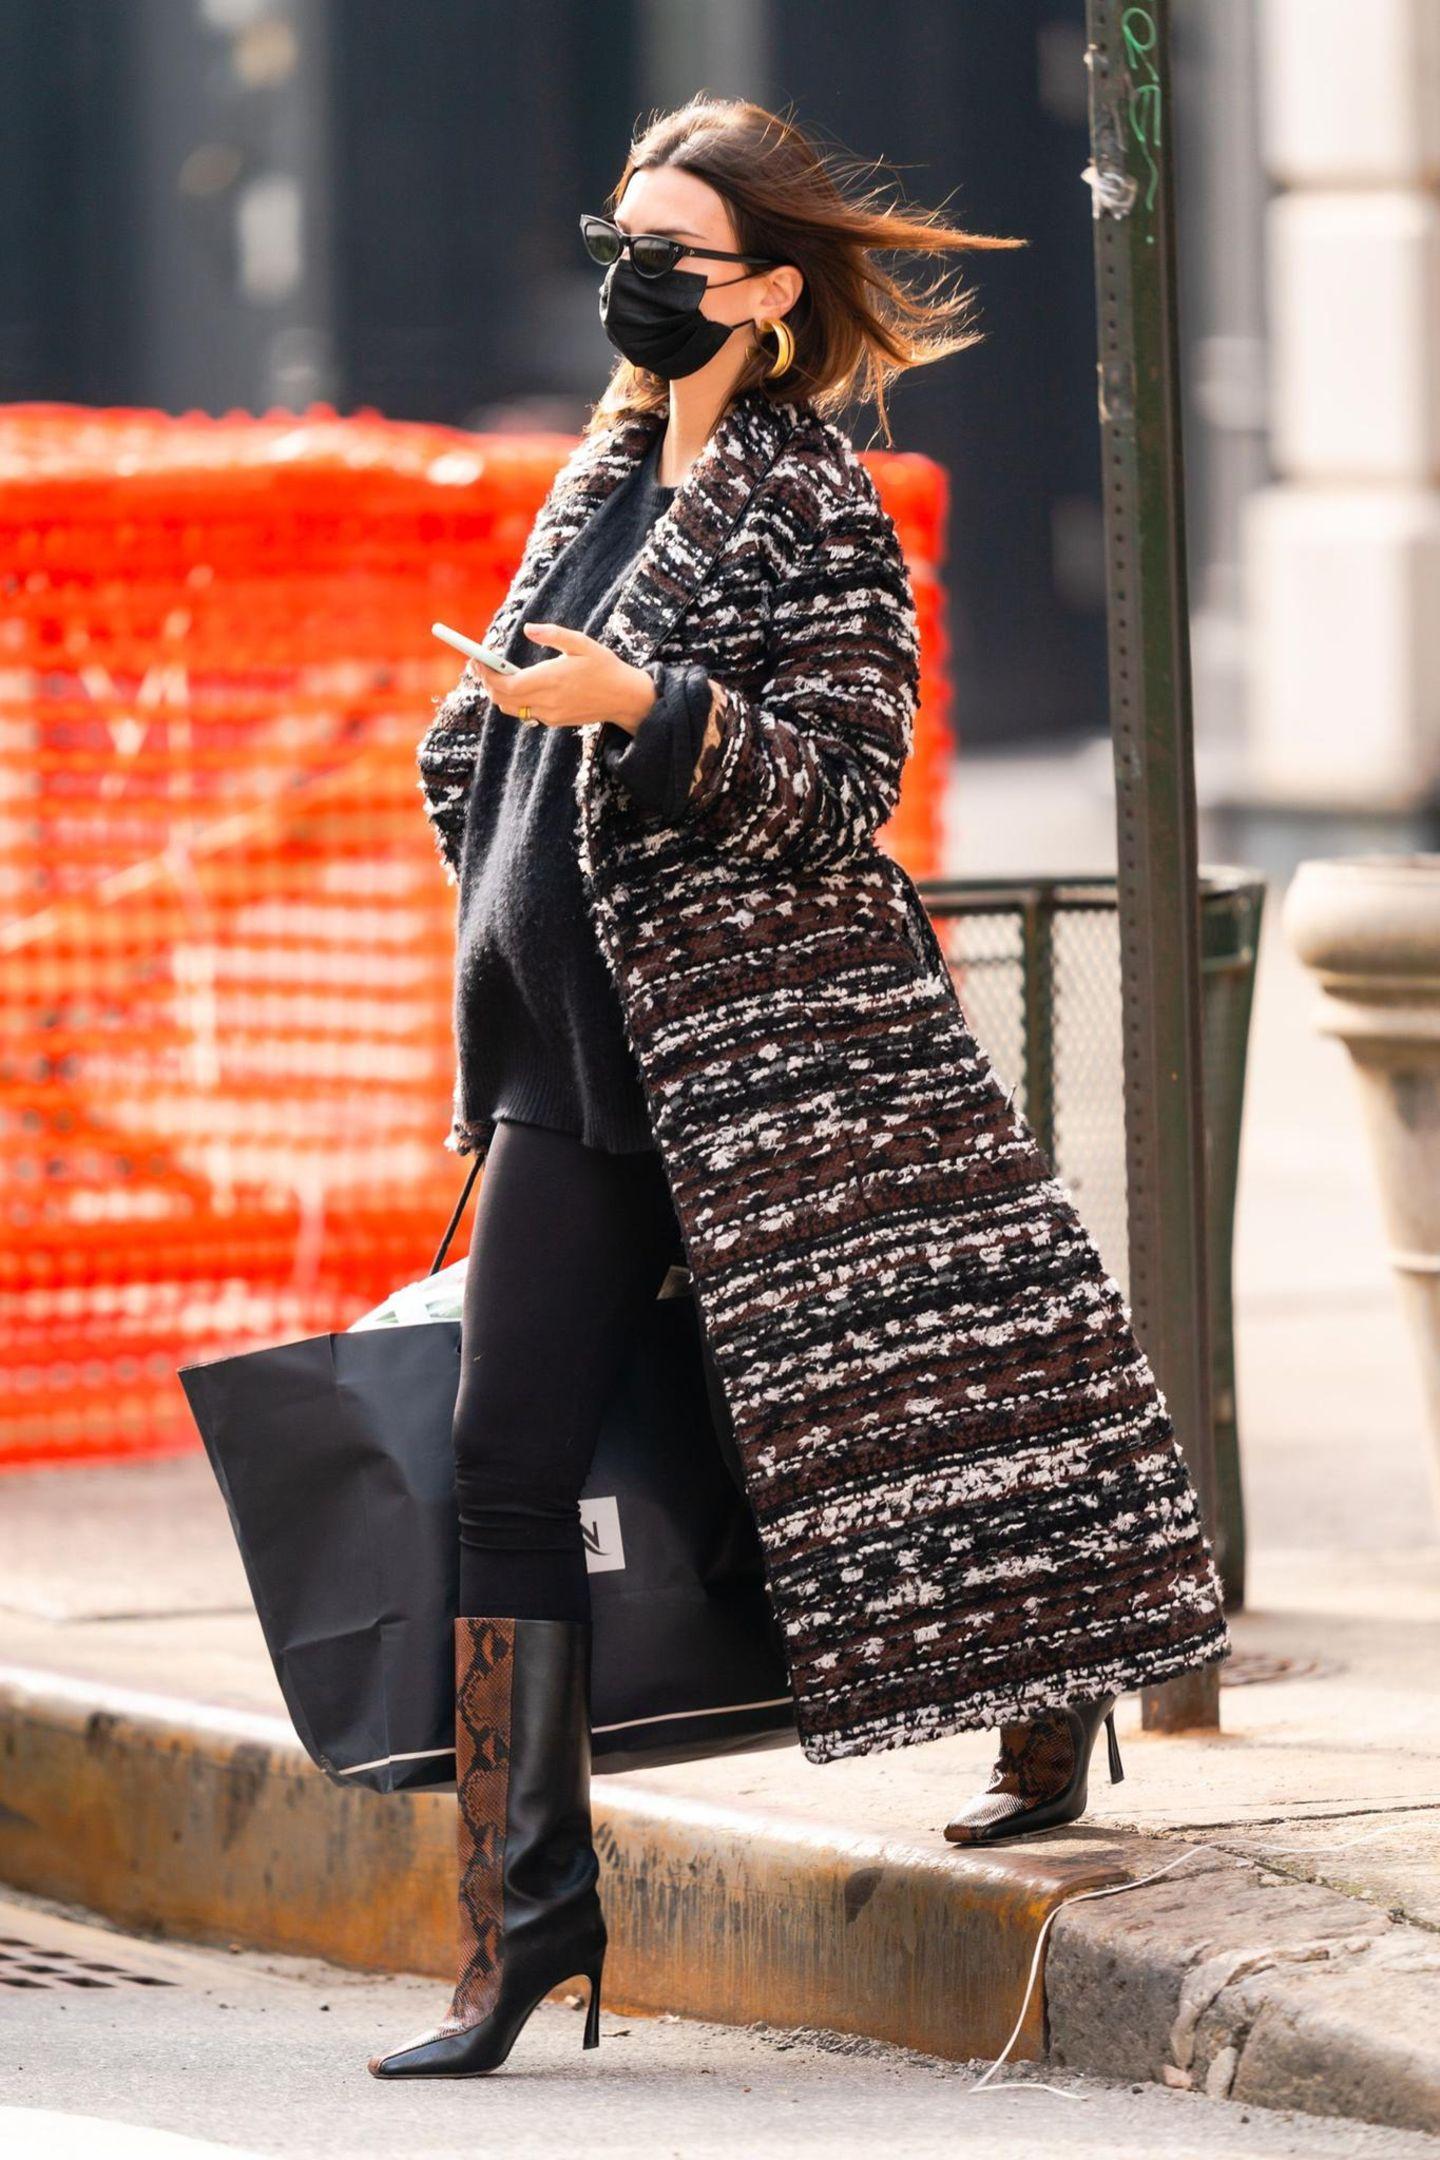 Stylisch wie immer – so kennen wir Schauspielerin Emily Ratajkowski. Was wir allerdings eher selten sehen: wenig nackte Haut. Auf Instagram zeigt sie sich in der Regel sehr freizügig – manchmal sogar komplett nackt. Aber auch mit viel Stoff weiß die schöne Brünette ihren Babybauch in Szene zu setzen: enge Jeans, Stiefel mit Animal-Print, ein Oversize-Pullover und ein Mantel von Dolce & Gabbana (rund 4800 Euro). Wir lieben ihren Look!